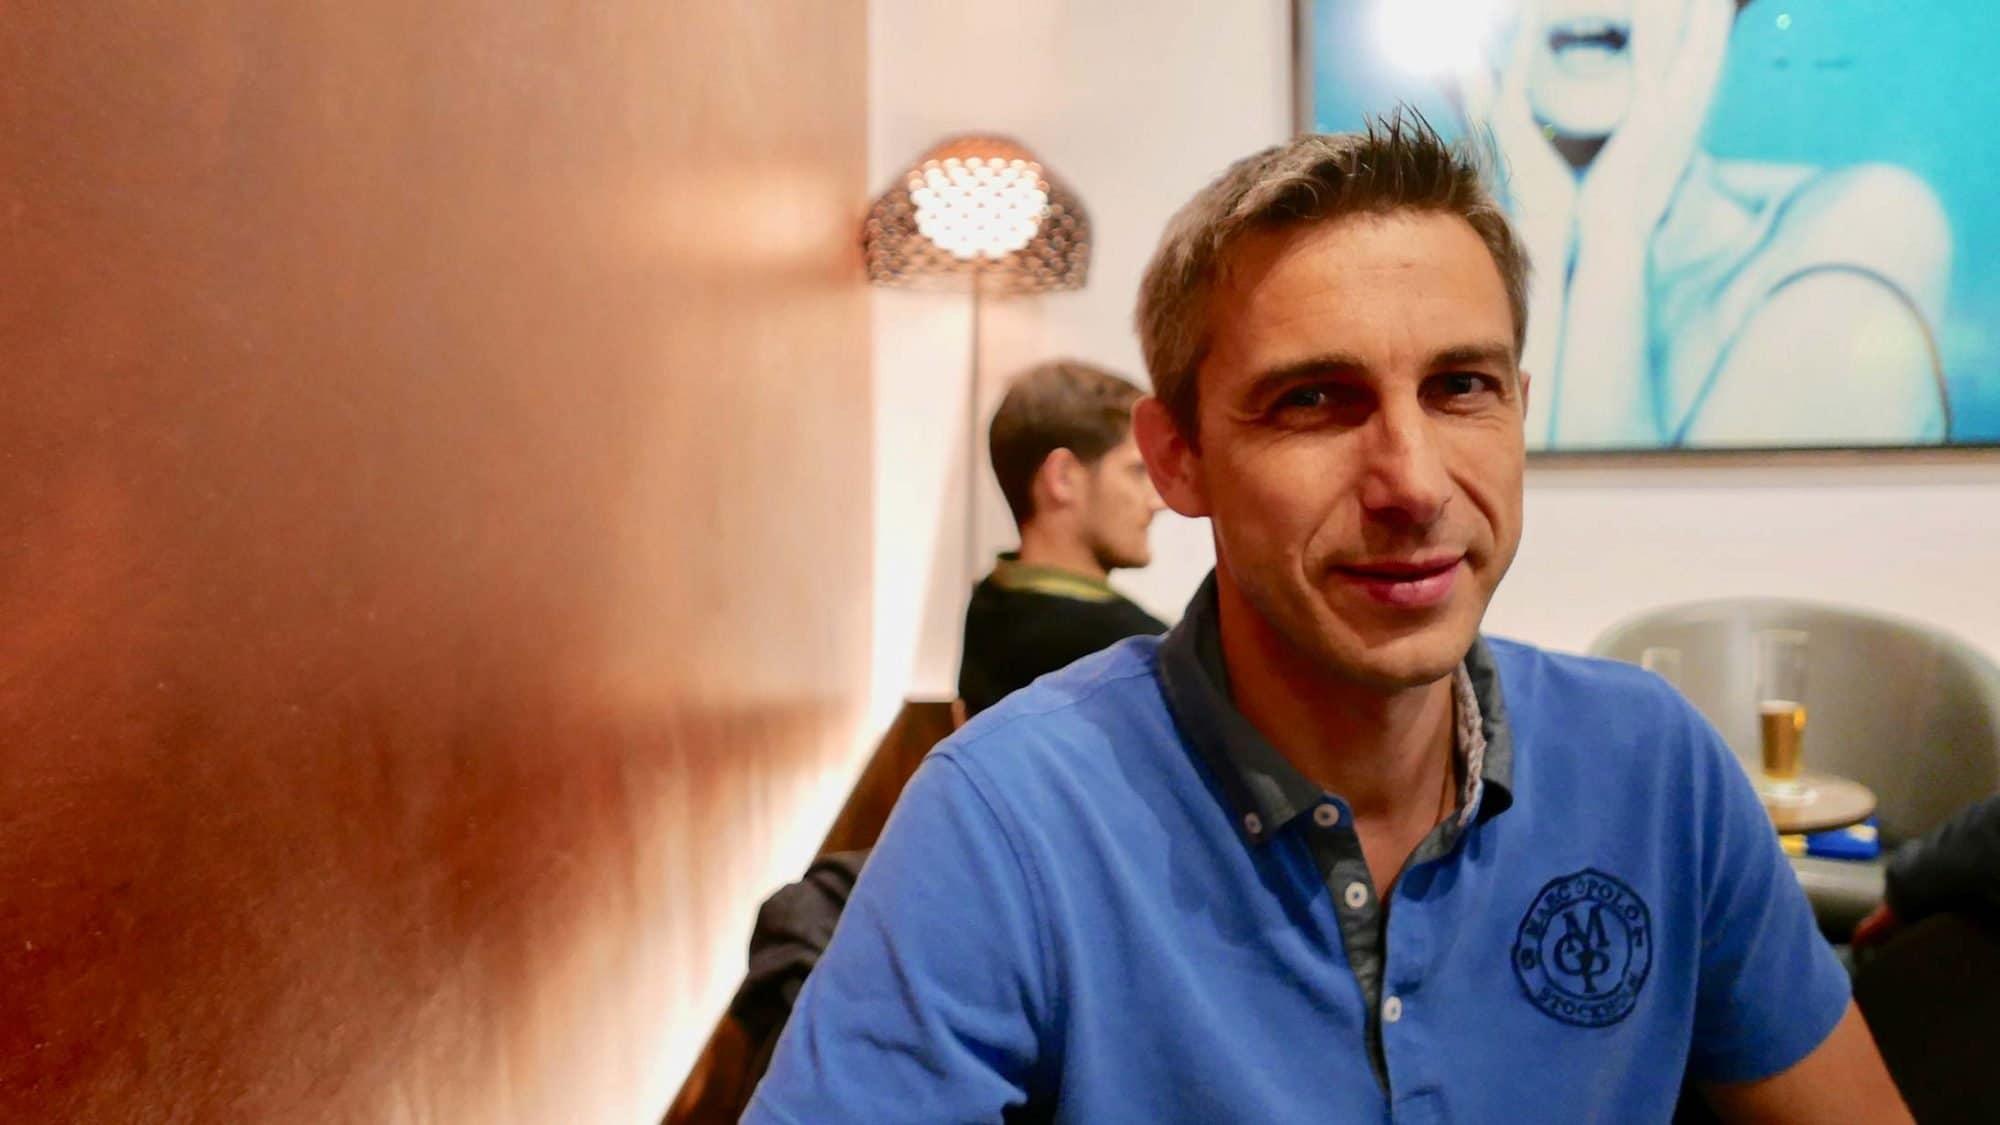 Matthias ist der Ehemann einer Frau, die an Brustkrebs erkrankt ist.